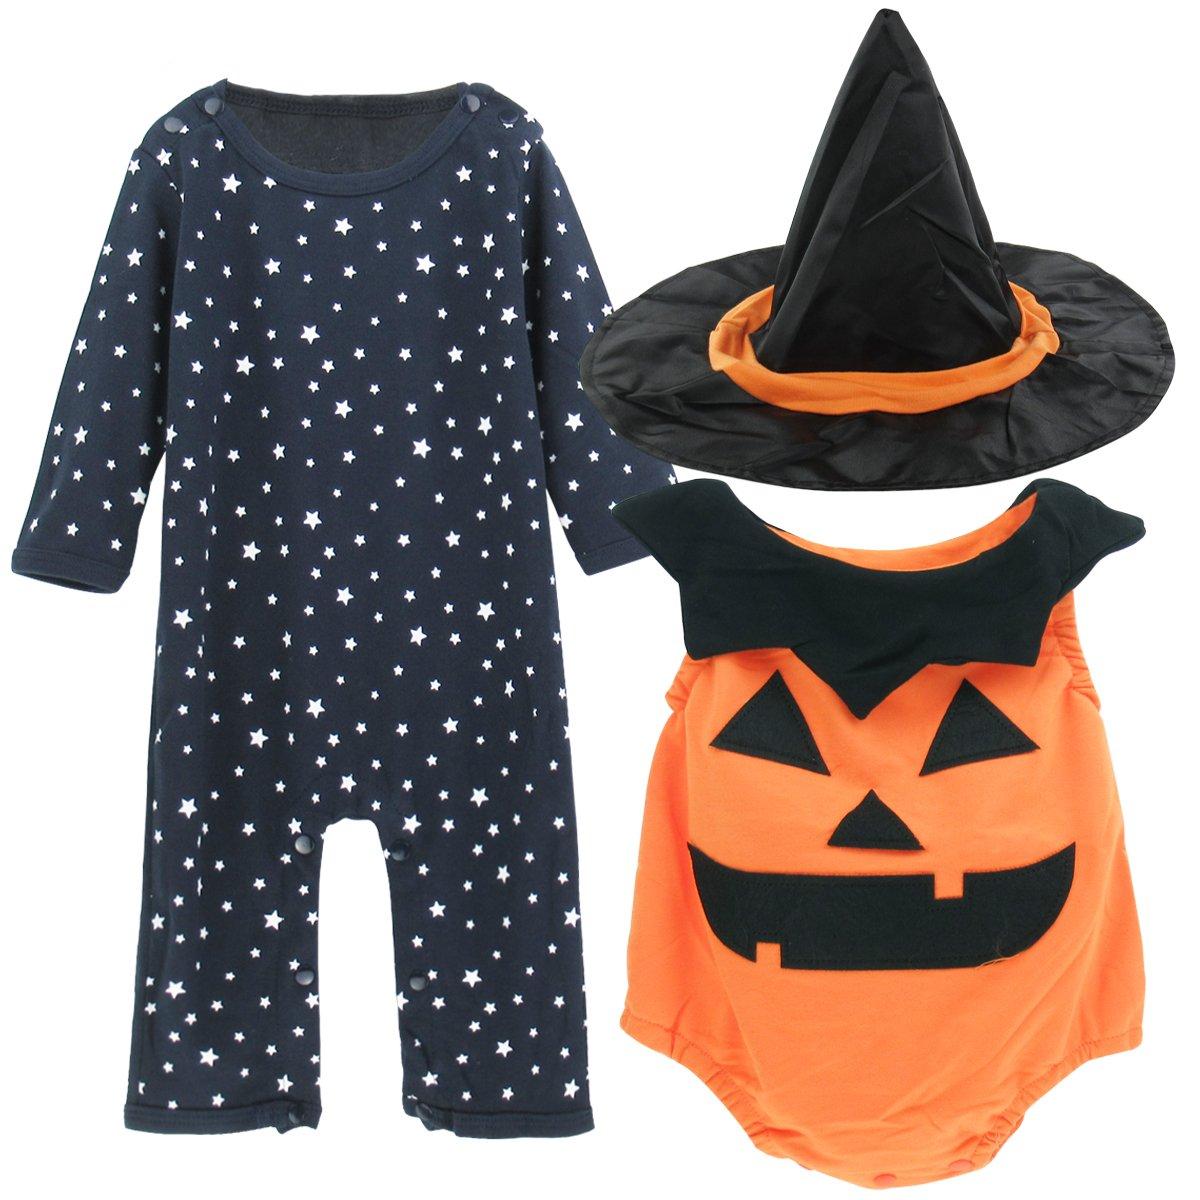 日本人気超絶の Mombebe SHIRT ベビーガールズ B0756W2PR5 かぼちゃ SHIRT 6 12 Mombebe - 12 Months 6 - 12 Months|かぼちゃ, DOG LUCK:0a769948 --- svecha37.ru